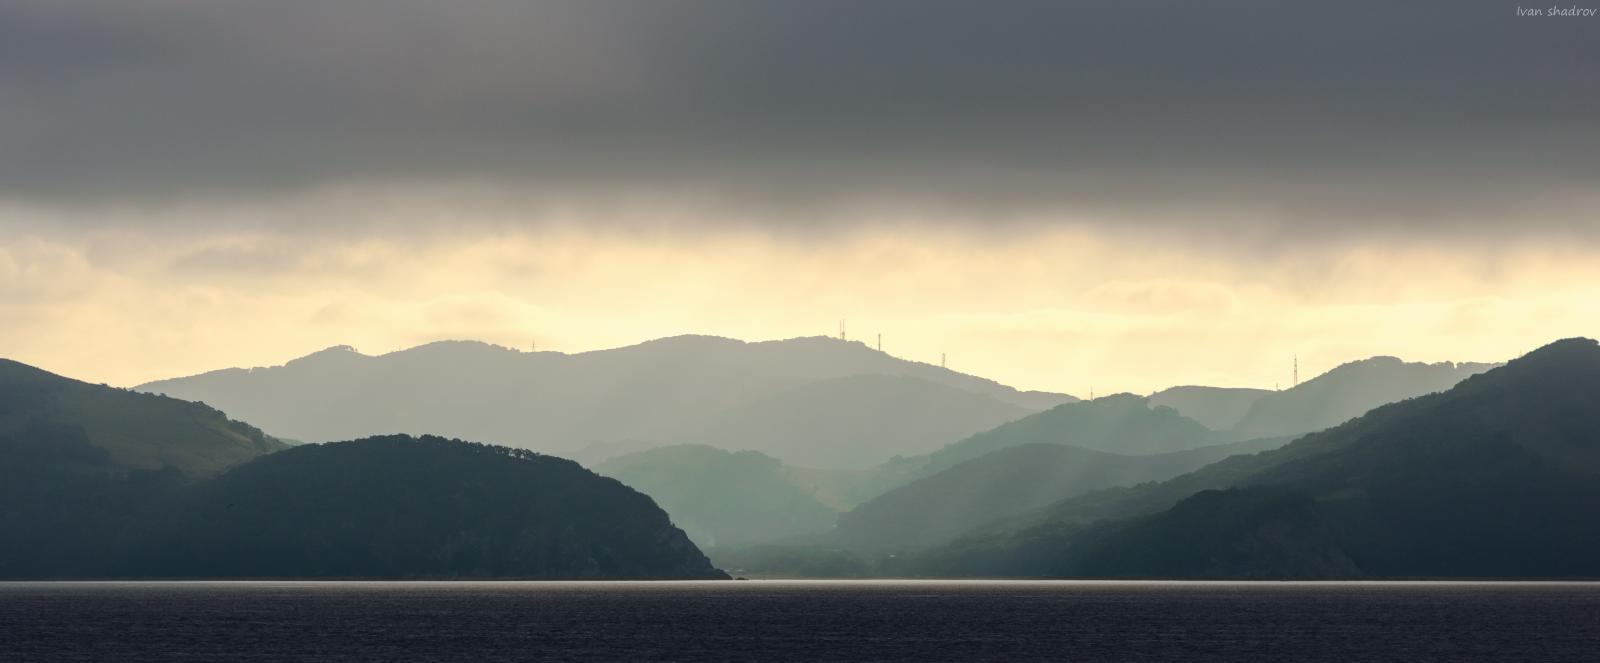 Приятный пейзаж с судна